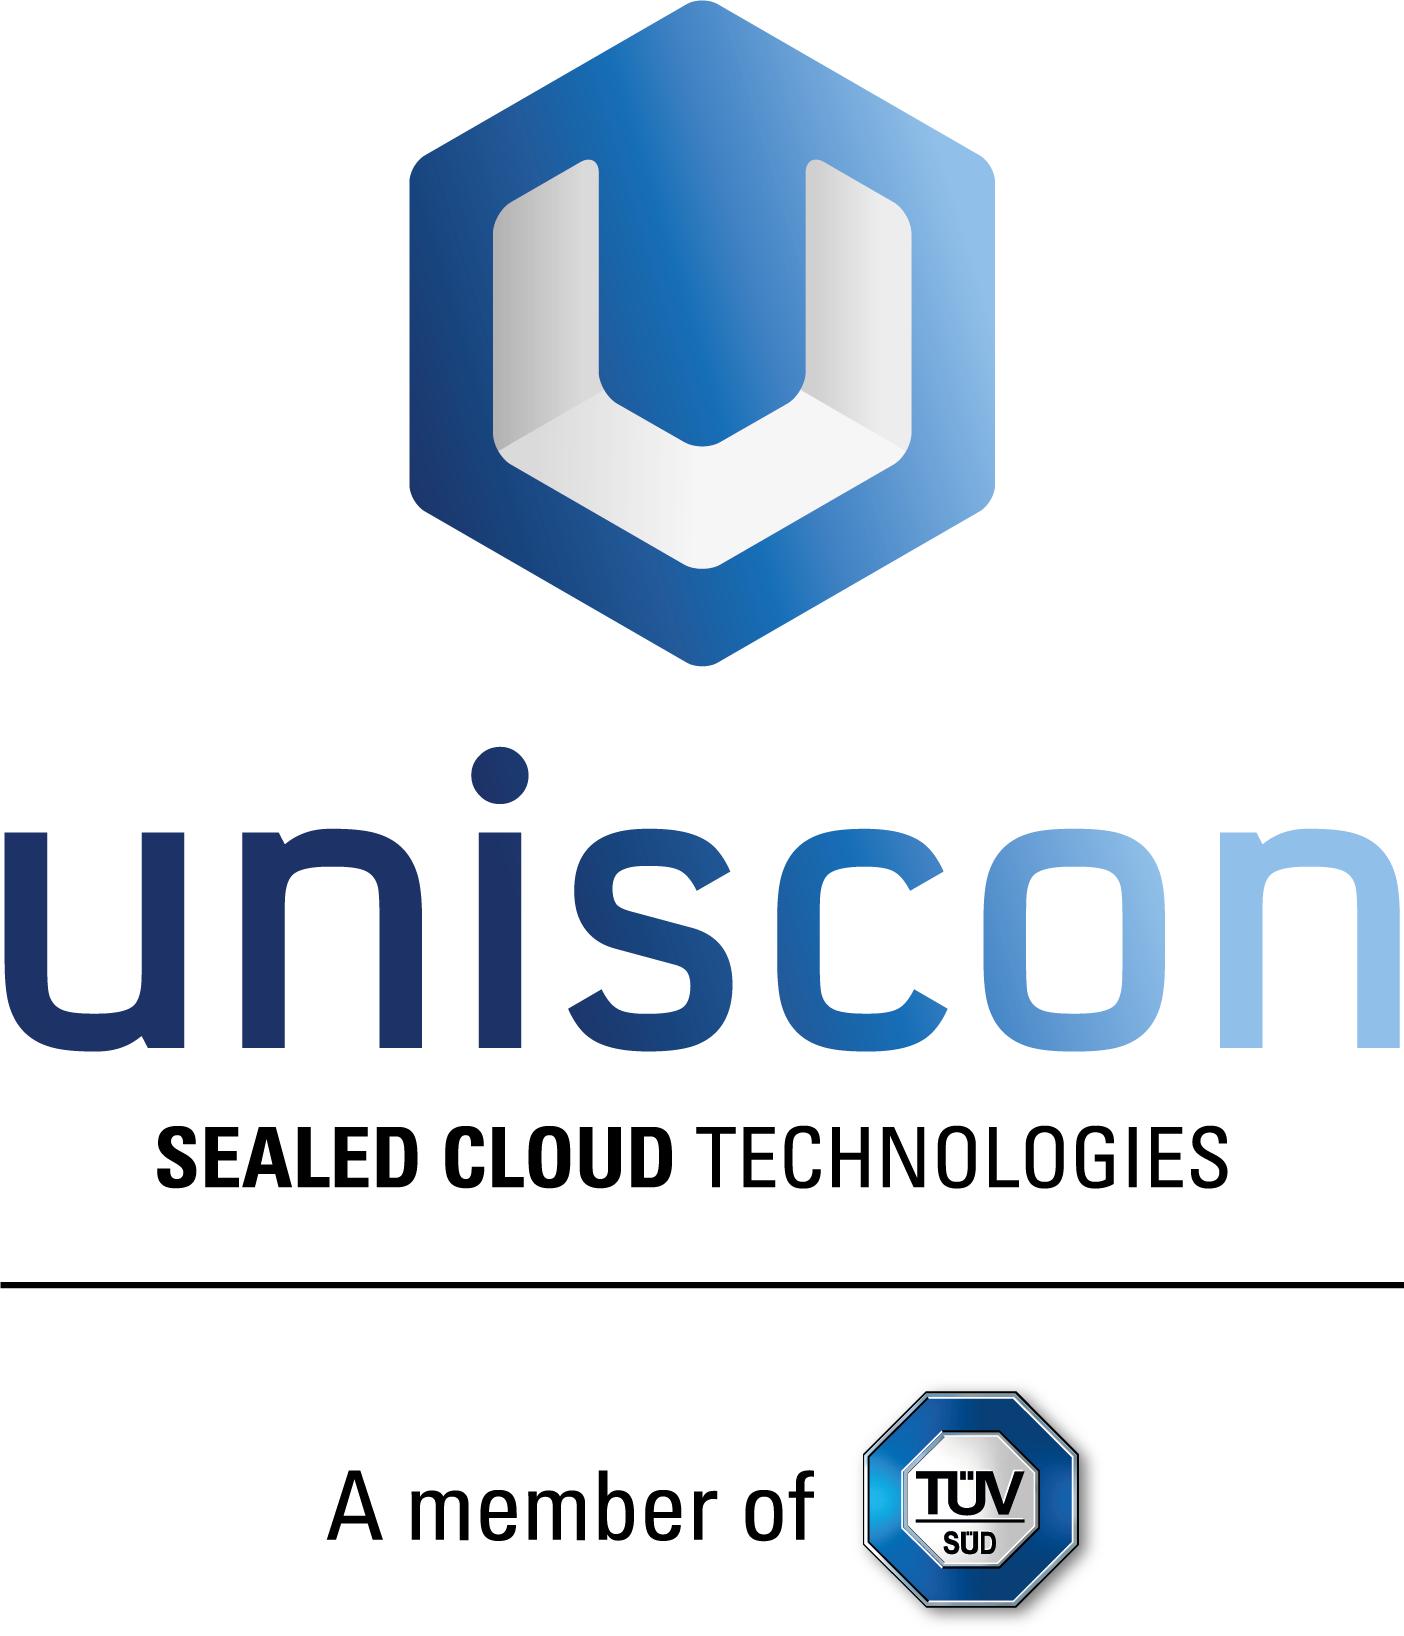 Uniscon GmbH - A member of TÜV SÜD